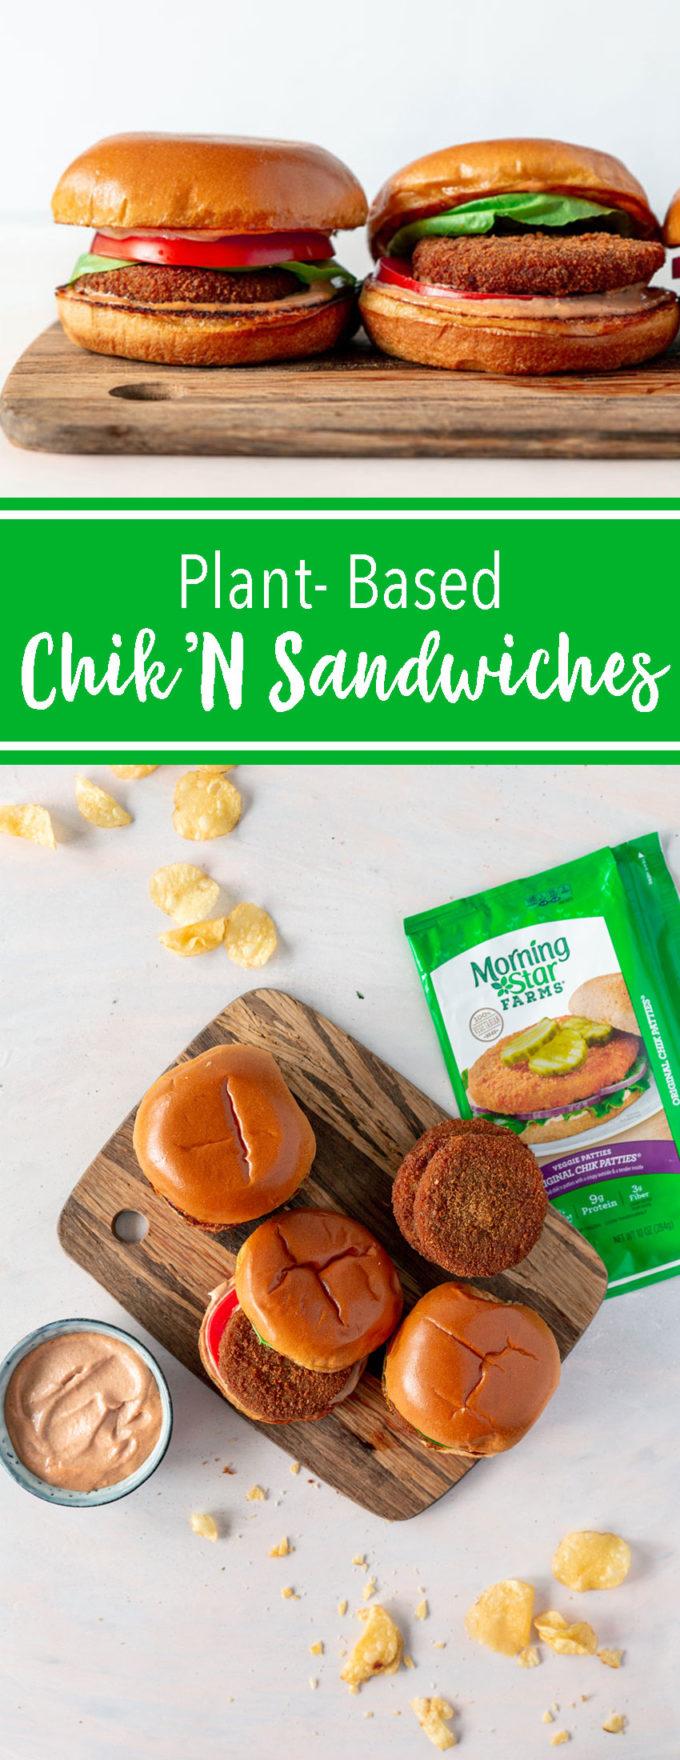 Plant based chicken sandwiches